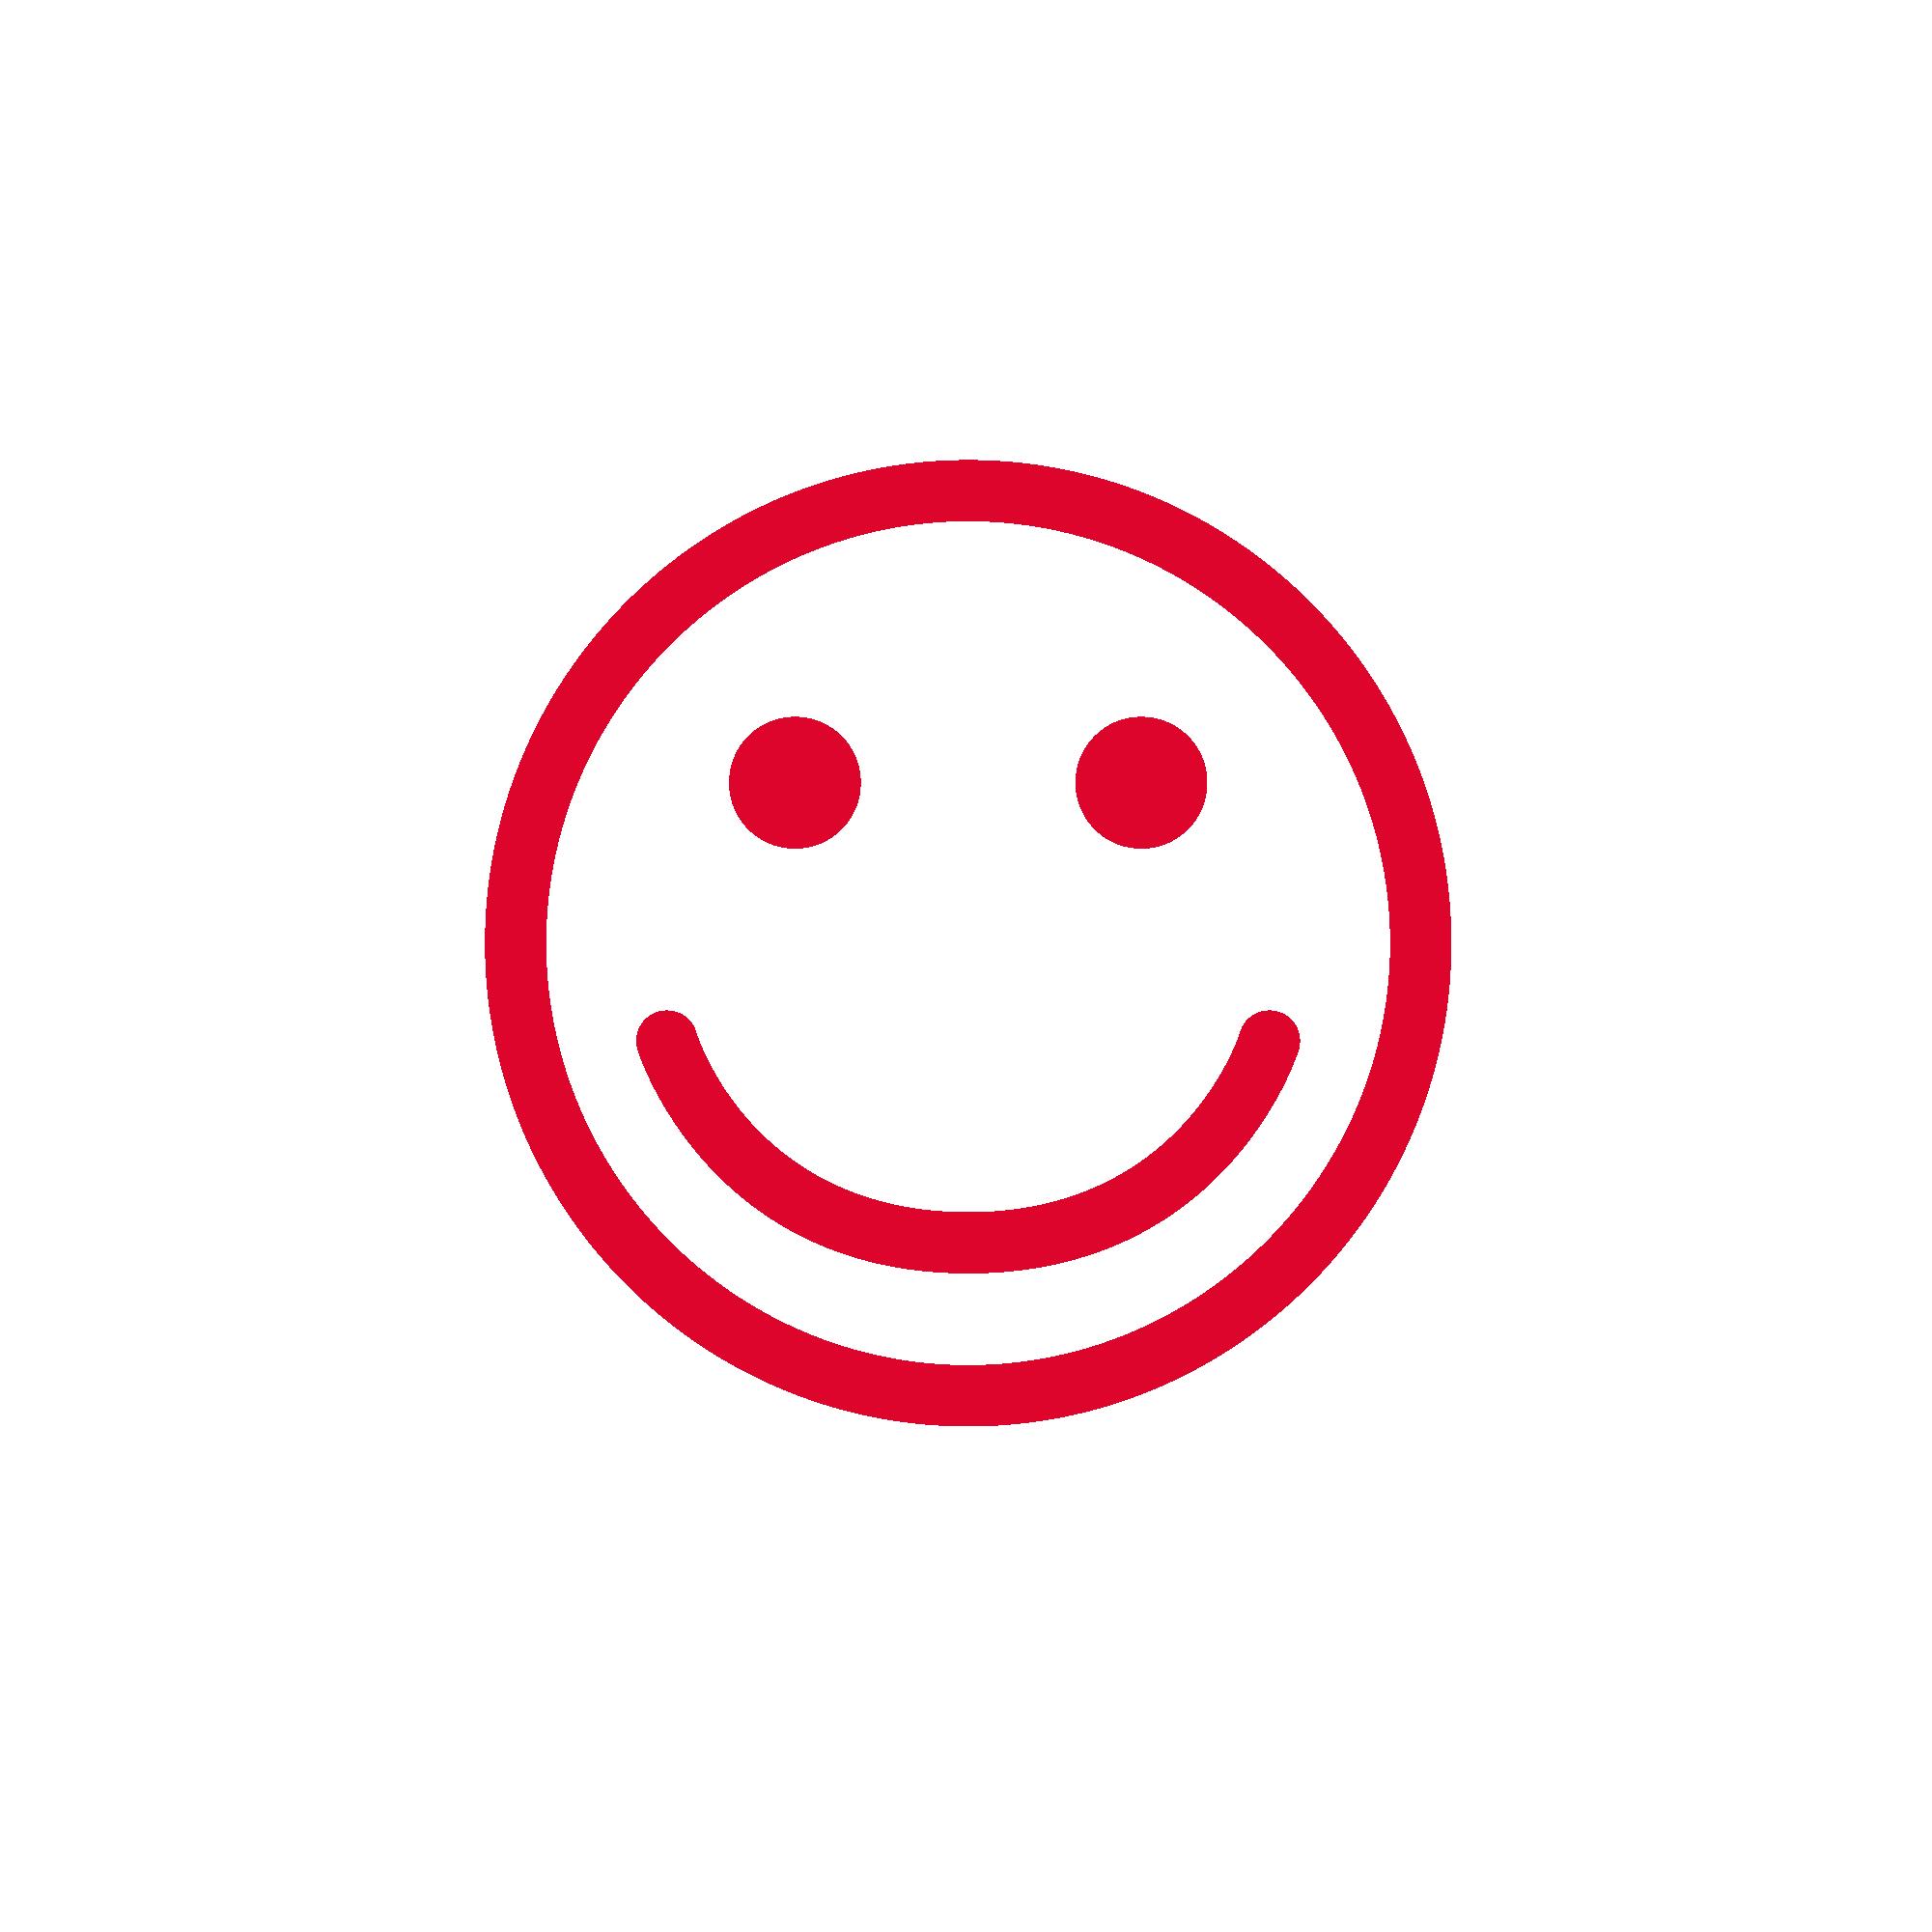 smile leistungen_Zeichenfläche 1 Kopie 12.png